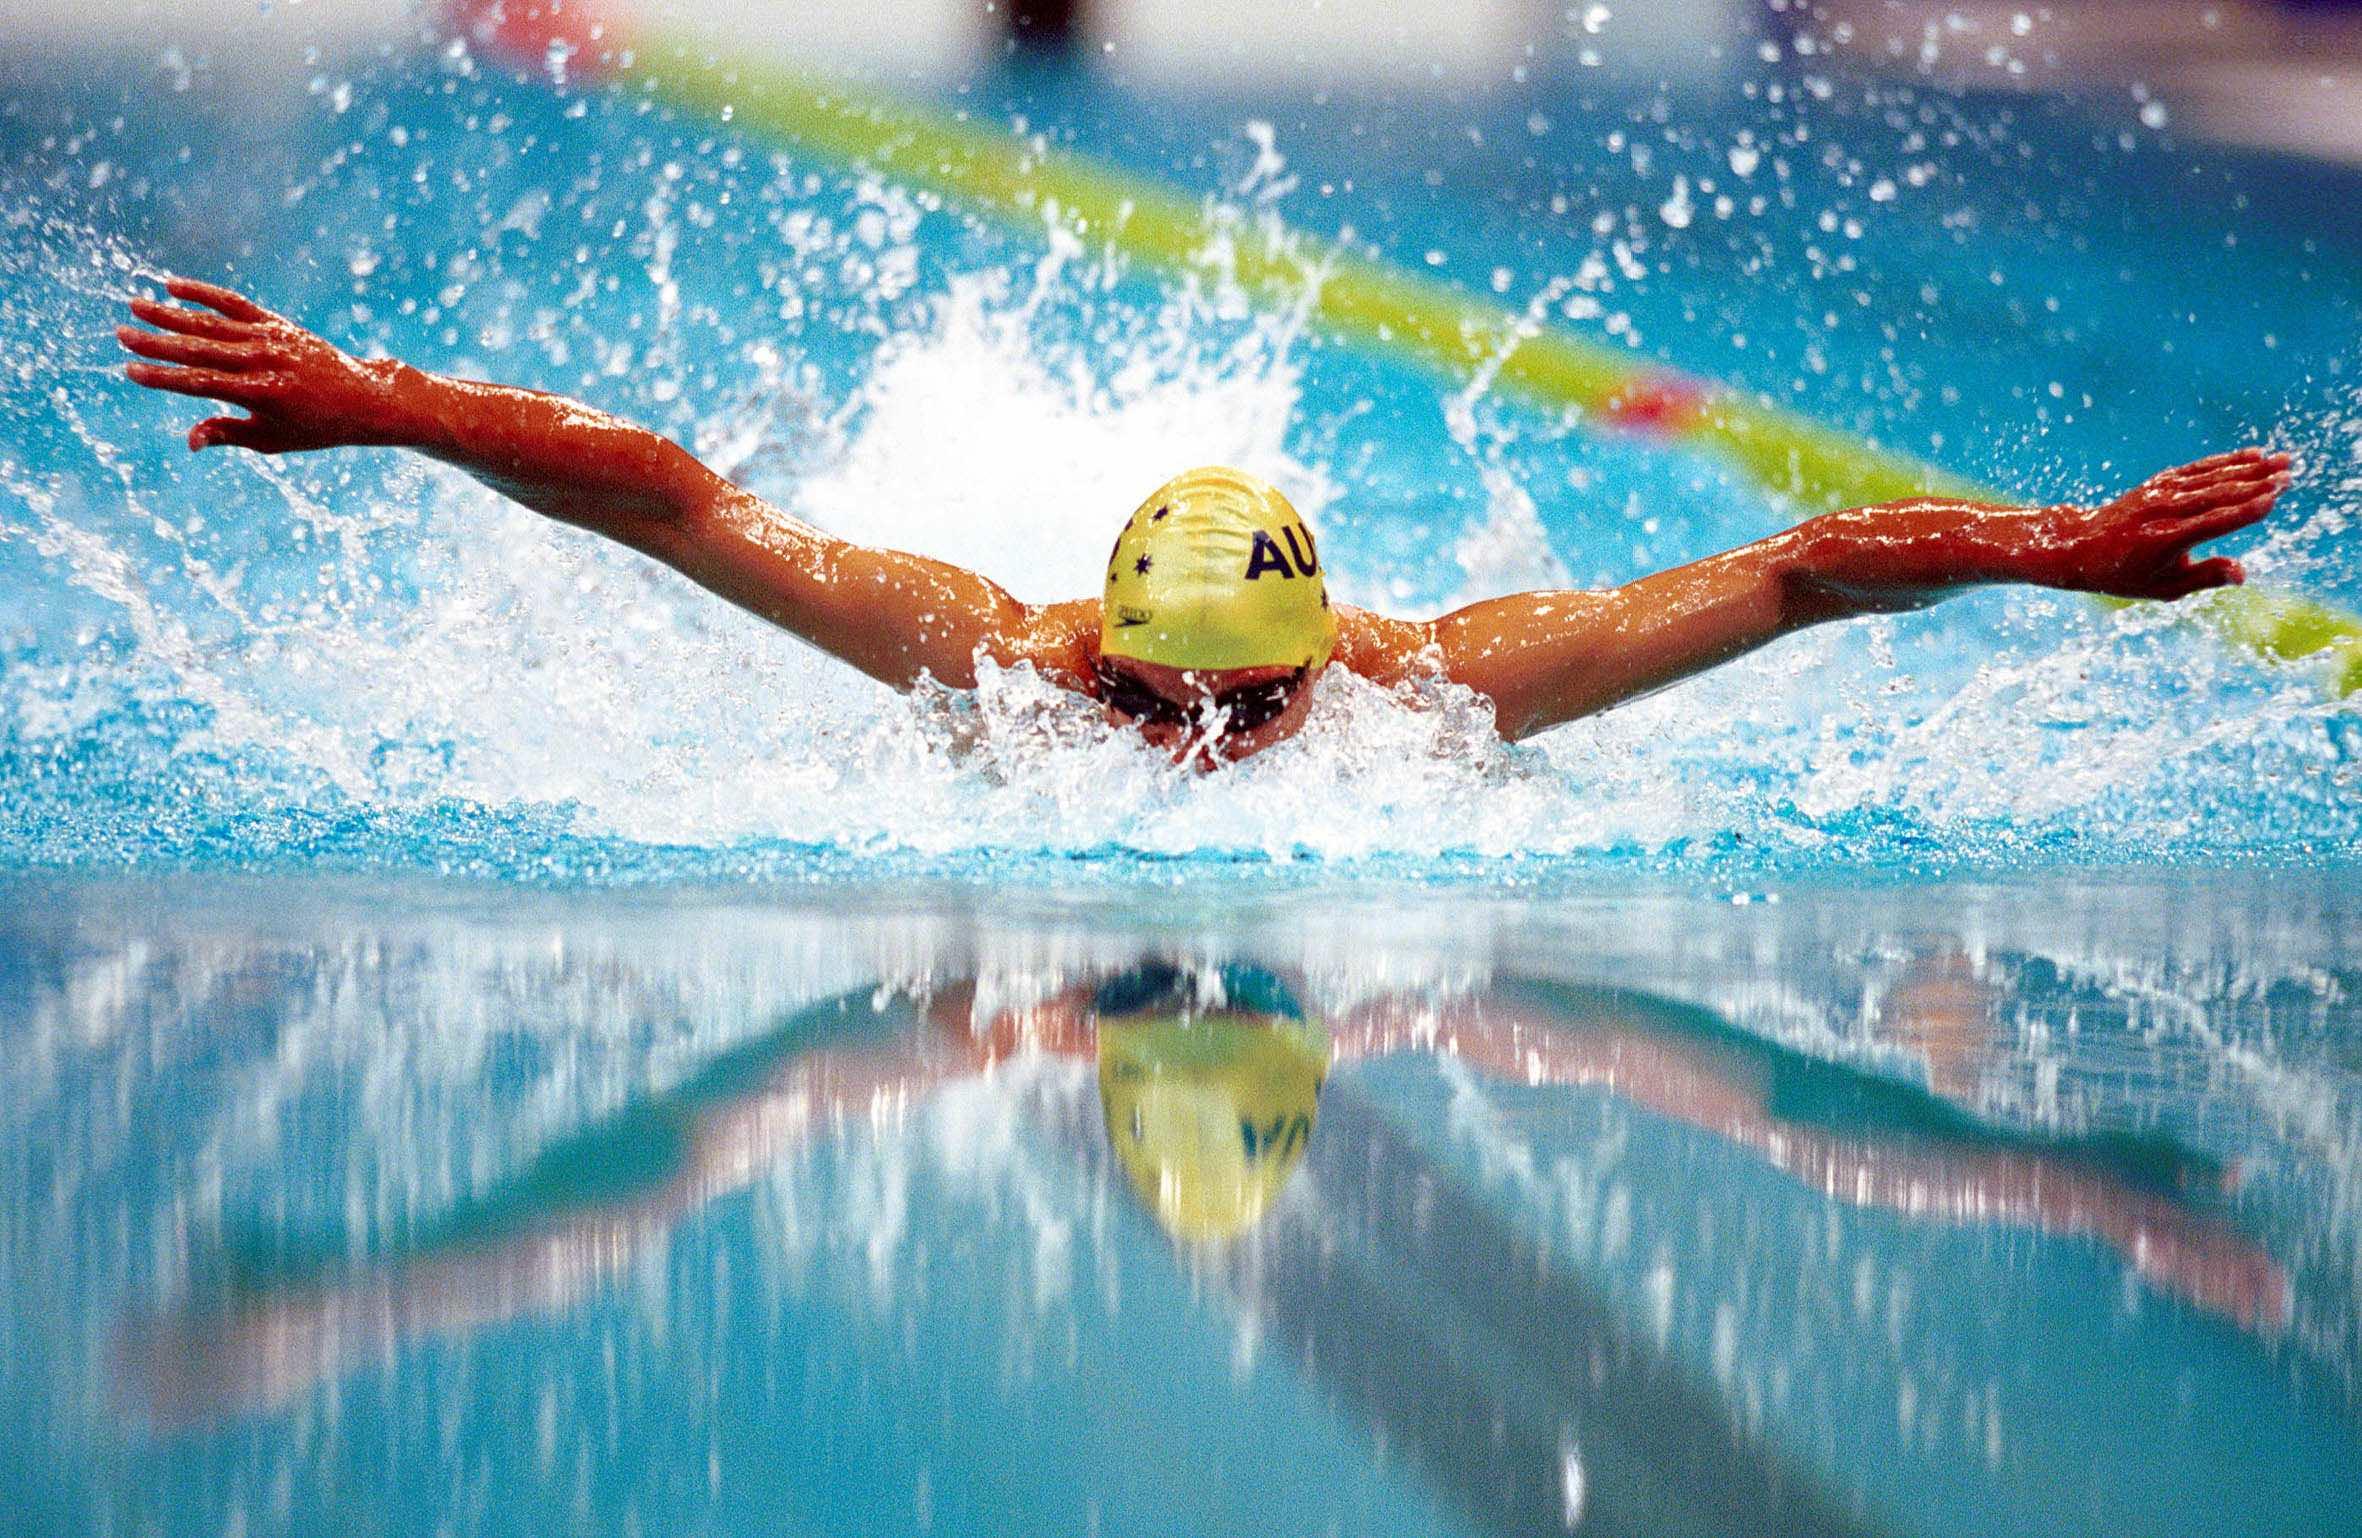 Les raisons pour lesquelles la natation vous aidera à améliorer vos performances